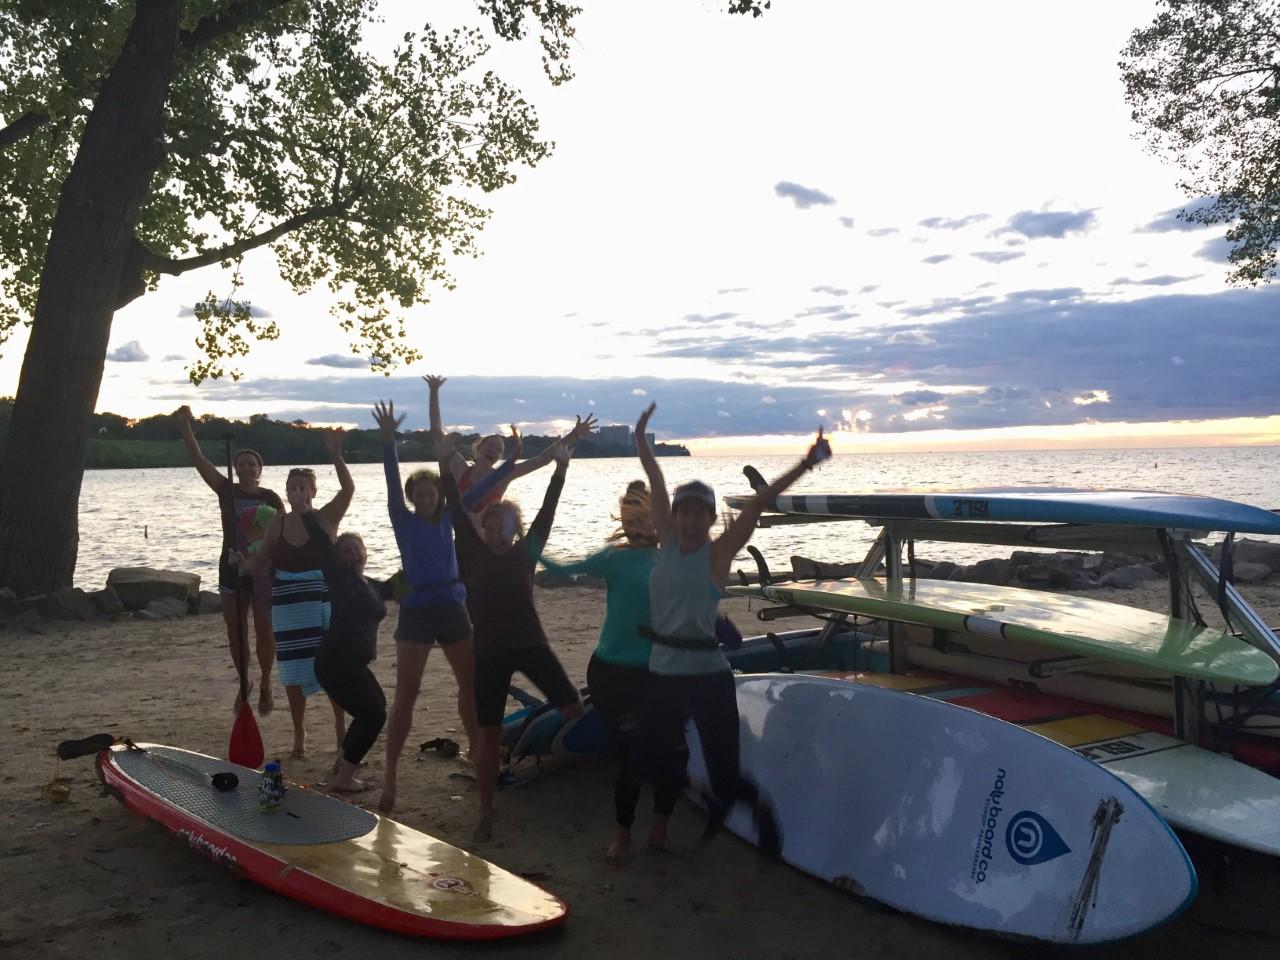 Sunset SUP joyful yogis @ Lake Erie, Cleveland   Aug 2019